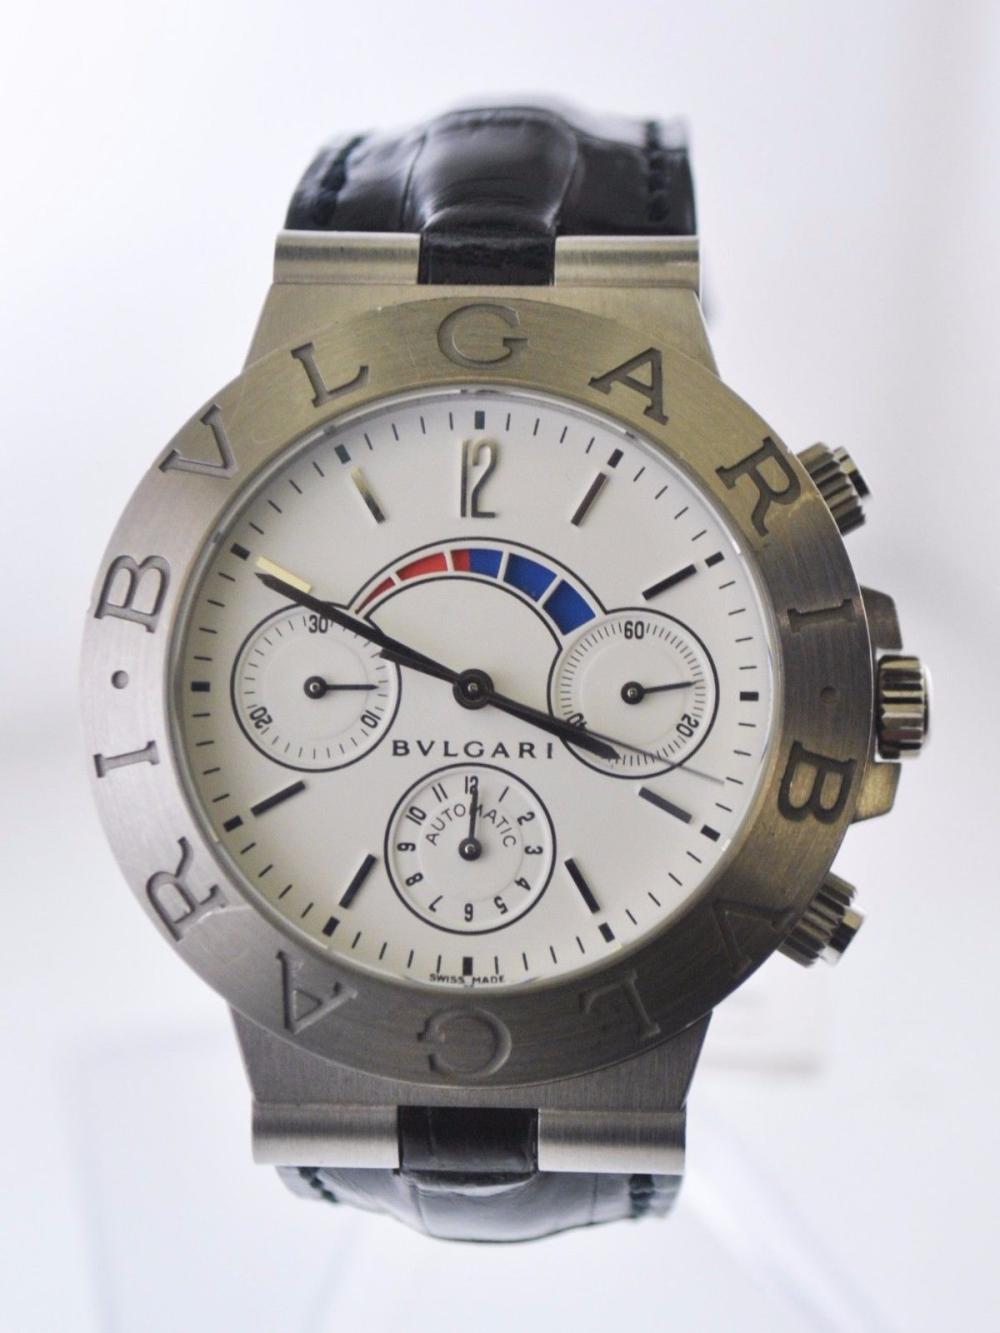 710636e3309 Bvlgari Bulgari Diagono Regatta Chronograph Automatic Watch